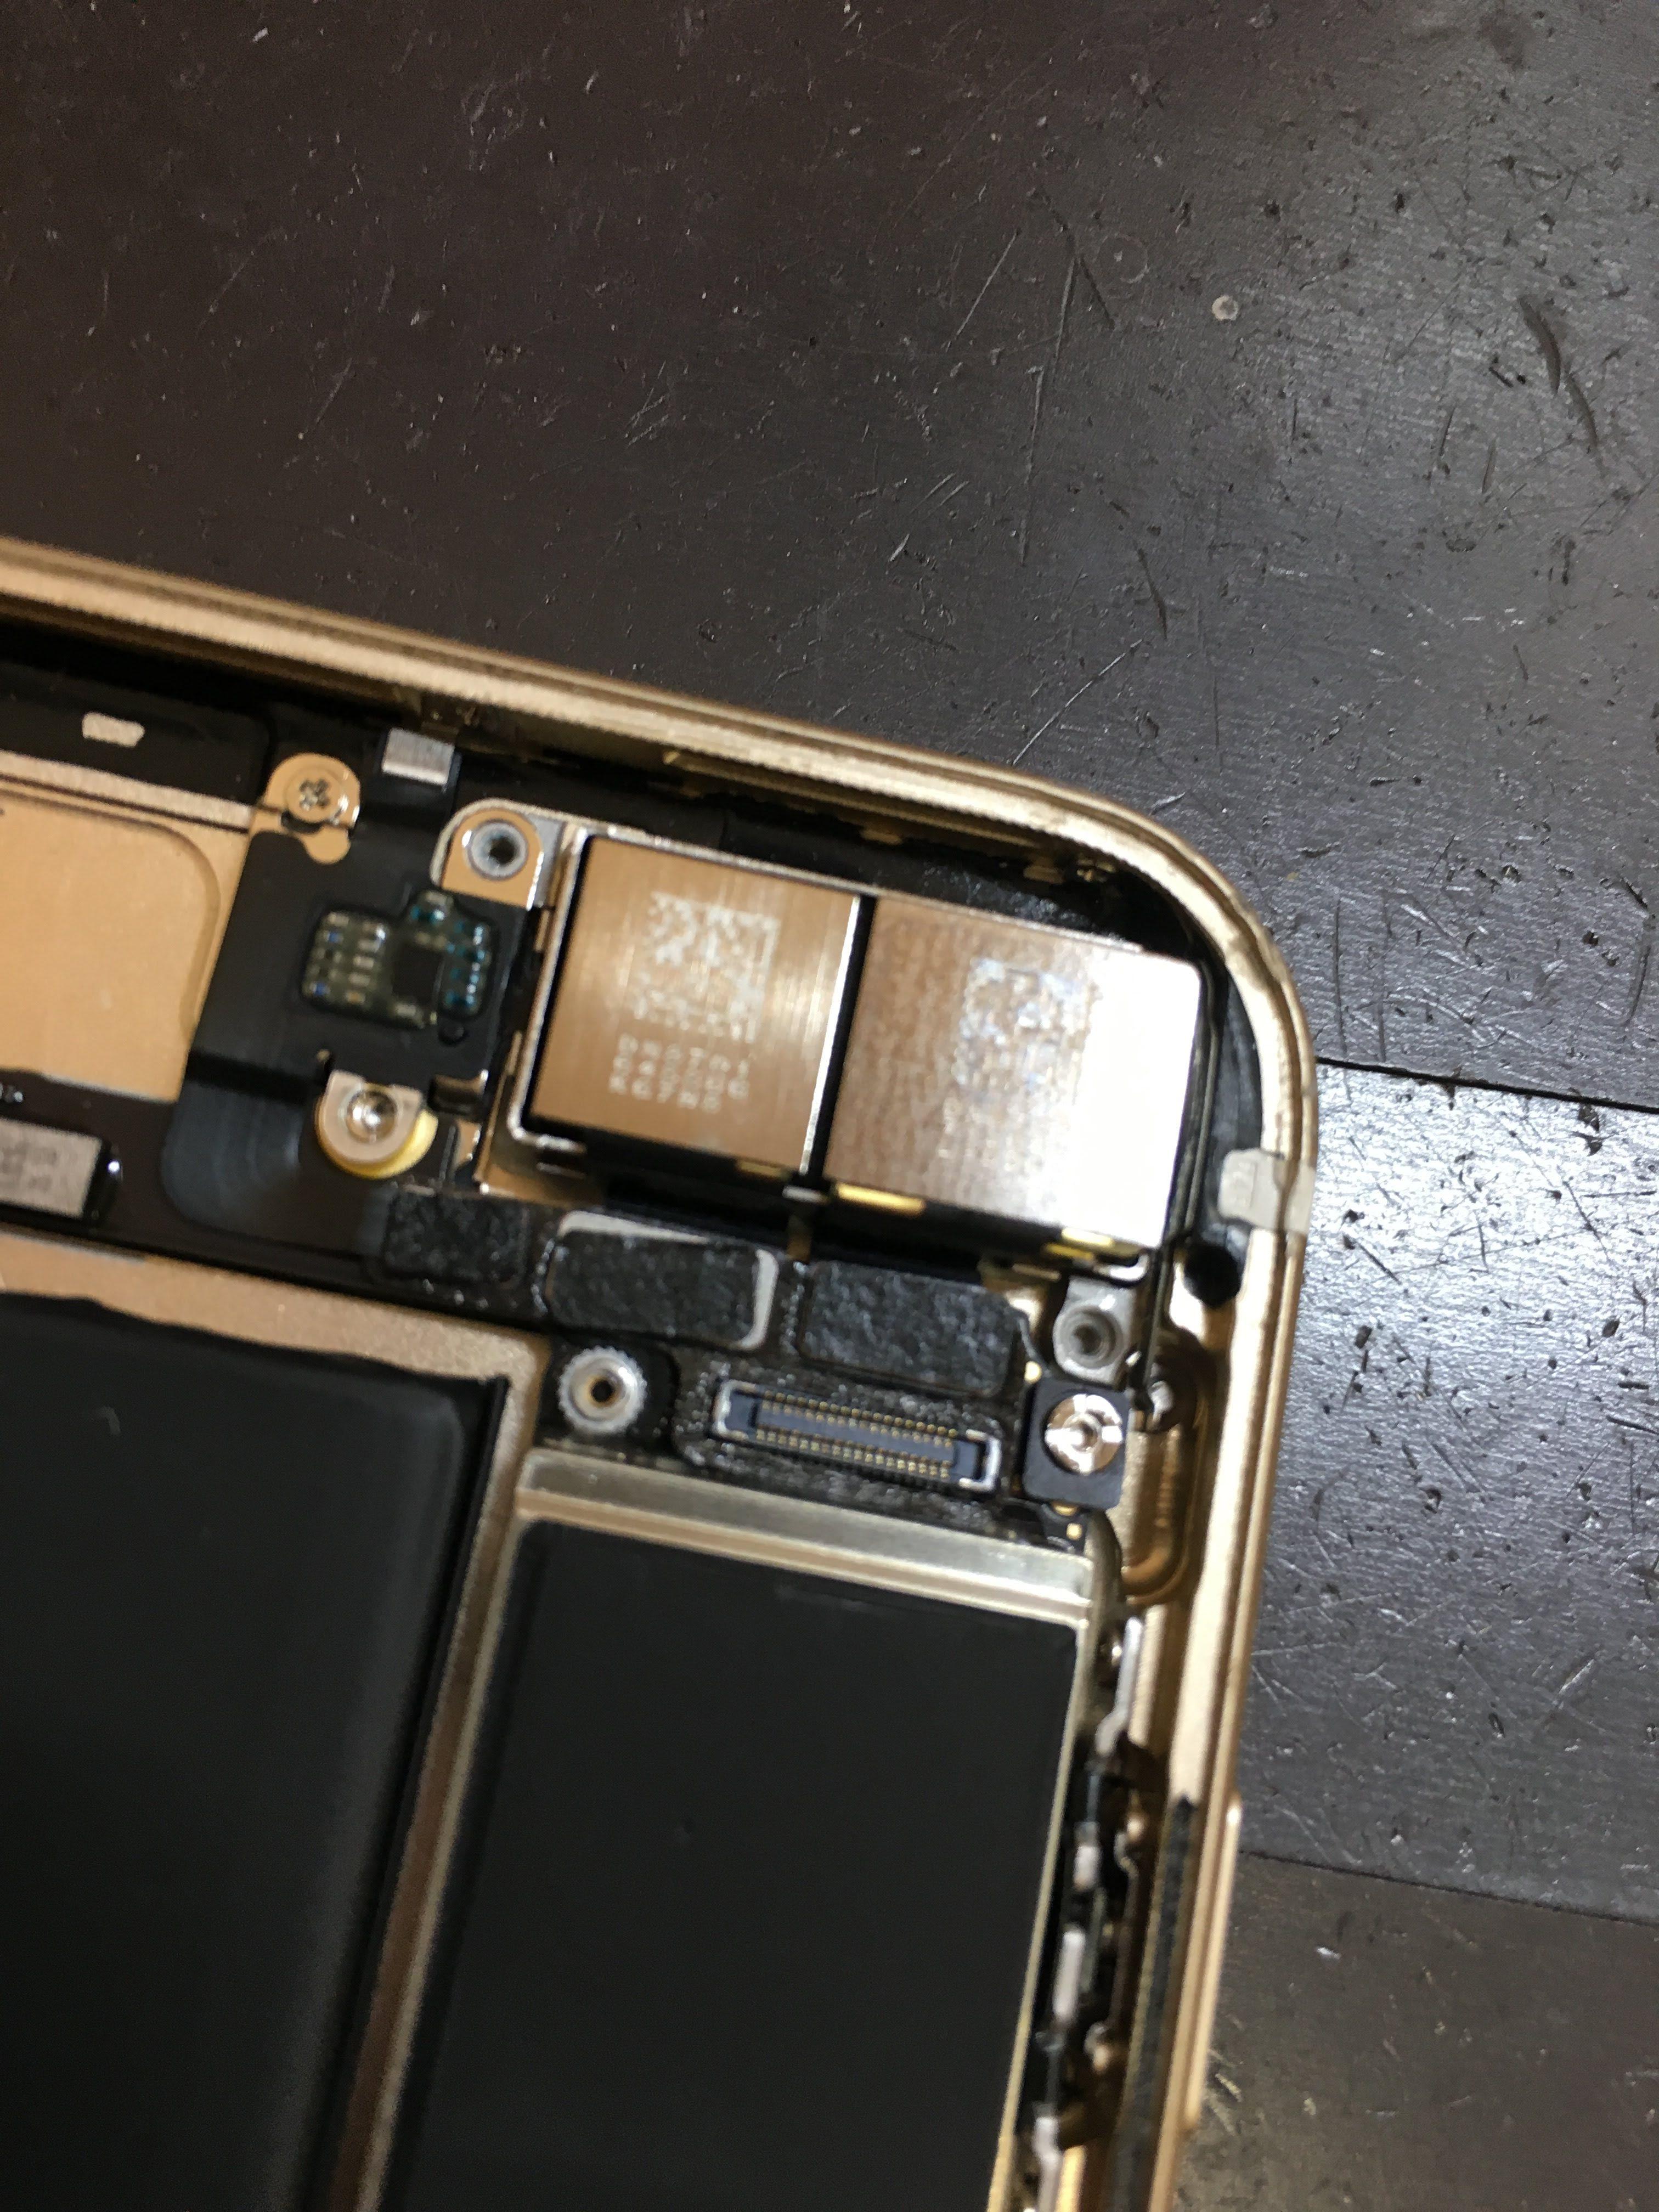 iPhone7Plusのデュアルカメラ 裏